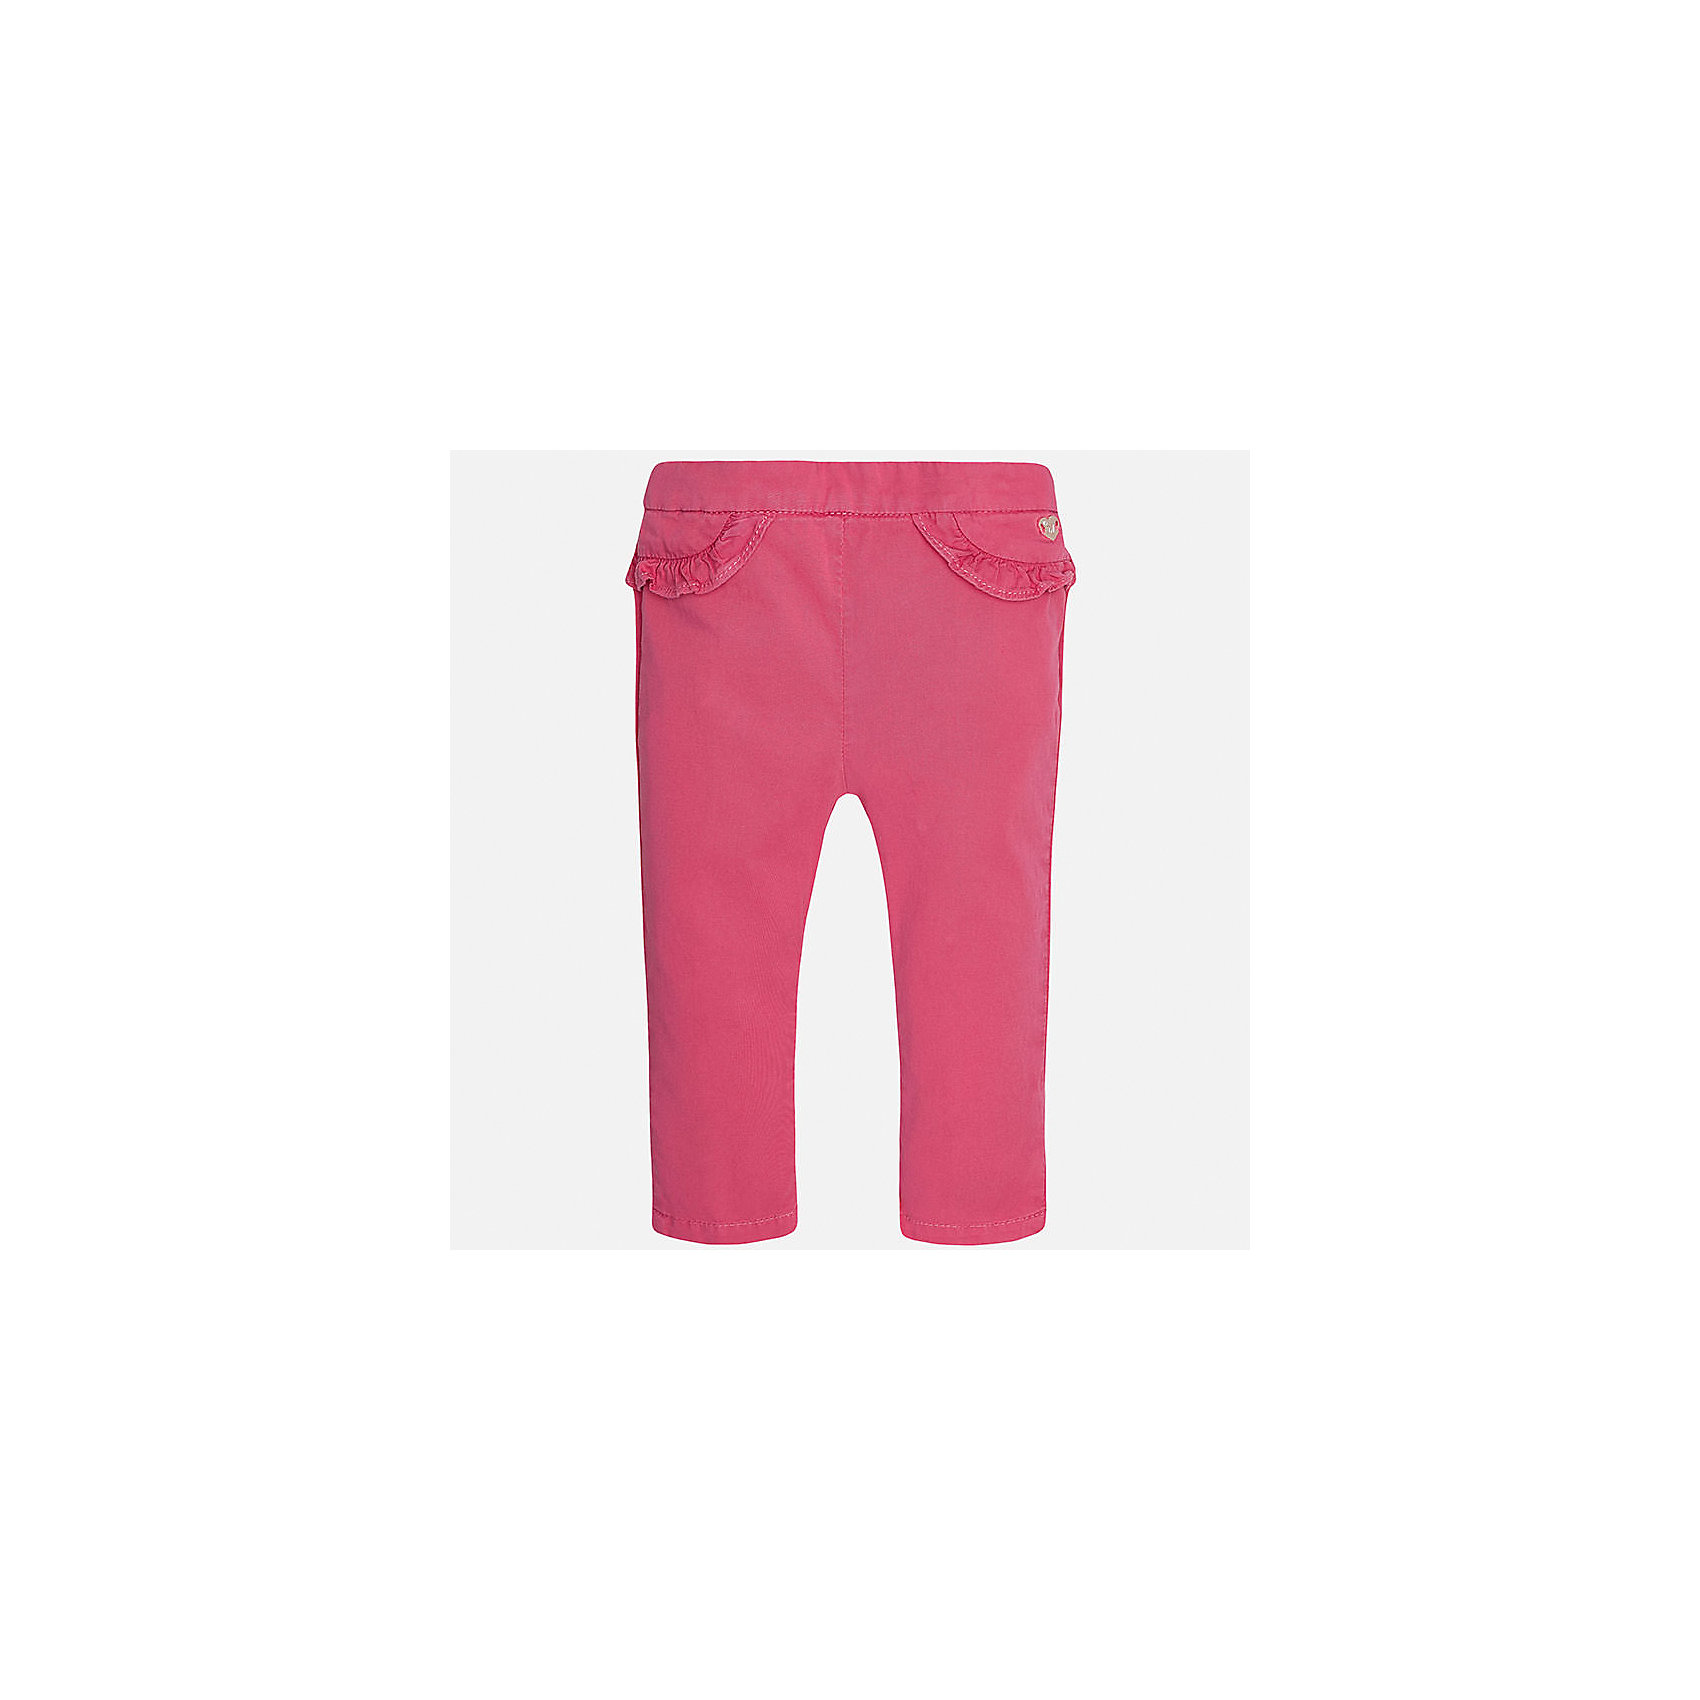 Брюки для девочки MayoralХарактеристики товара:<br><br>• цвет: розовый<br>• состав: 98% хлопок, 2% эластан<br>• оборки возле на талии<br>• логотип<br>• интересный крой<br>• яркий цвет<br>• страна бренда: Испания<br><br>Модные оригинальные брюки для девочки смогут разнообразить гардероб ребенка и украсить наряд. Они отлично сочетаются с майками, футболками, блузками. Красивый оттенок позволяет подобрать к вещи верх разных расцветок. Интересный крой модели делает её нарядной и оригинальной. <br><br>Одежда, обувь и аксессуары от испанского бренда Mayoral полюбились детям и взрослым по всему миру. Модели этой марки - стильные и удобные. Для их производства используются только безопасные, качественные материалы и фурнитура. Порадуйте ребенка модными и красивыми вещами от Mayoral! <br><br>Брюки для девочки от испанского бренда Mayoral (Майорал) можно купить в нашем интернет-магазине.<br><br>Ширина мм: 215<br>Глубина мм: 88<br>Высота мм: 191<br>Вес г: 336<br>Цвет: розовый<br>Возраст от месяцев: 18<br>Возраст до месяцев: 24<br>Пол: Женский<br>Возраст: Детский<br>Размер: 92,74,80,86<br>SKU: 5288981